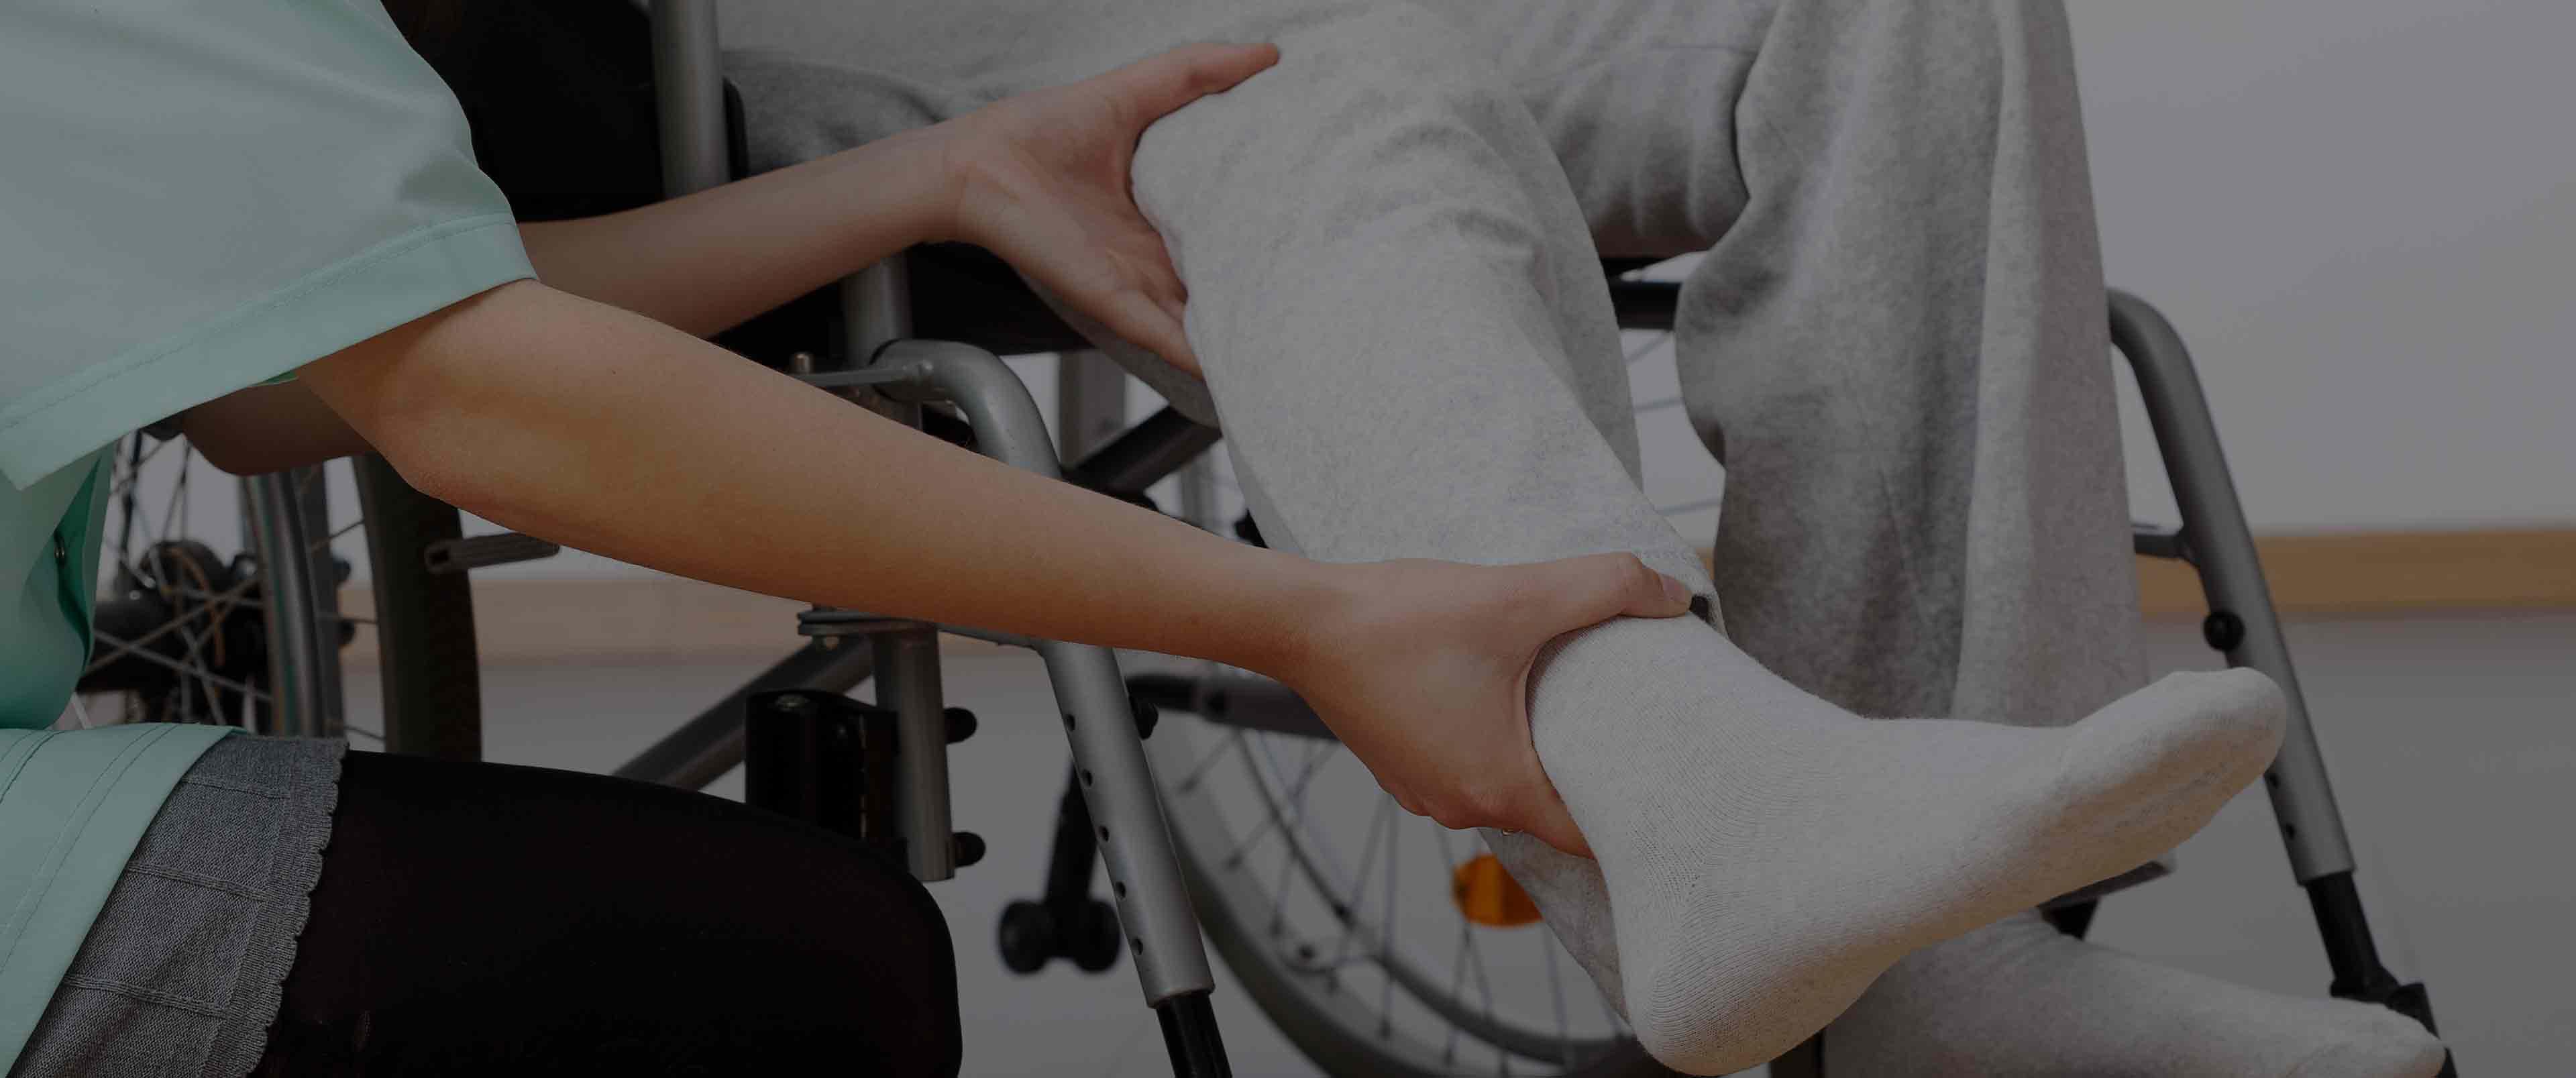 فیزیوتراپی بیمار سرطانی در منزل